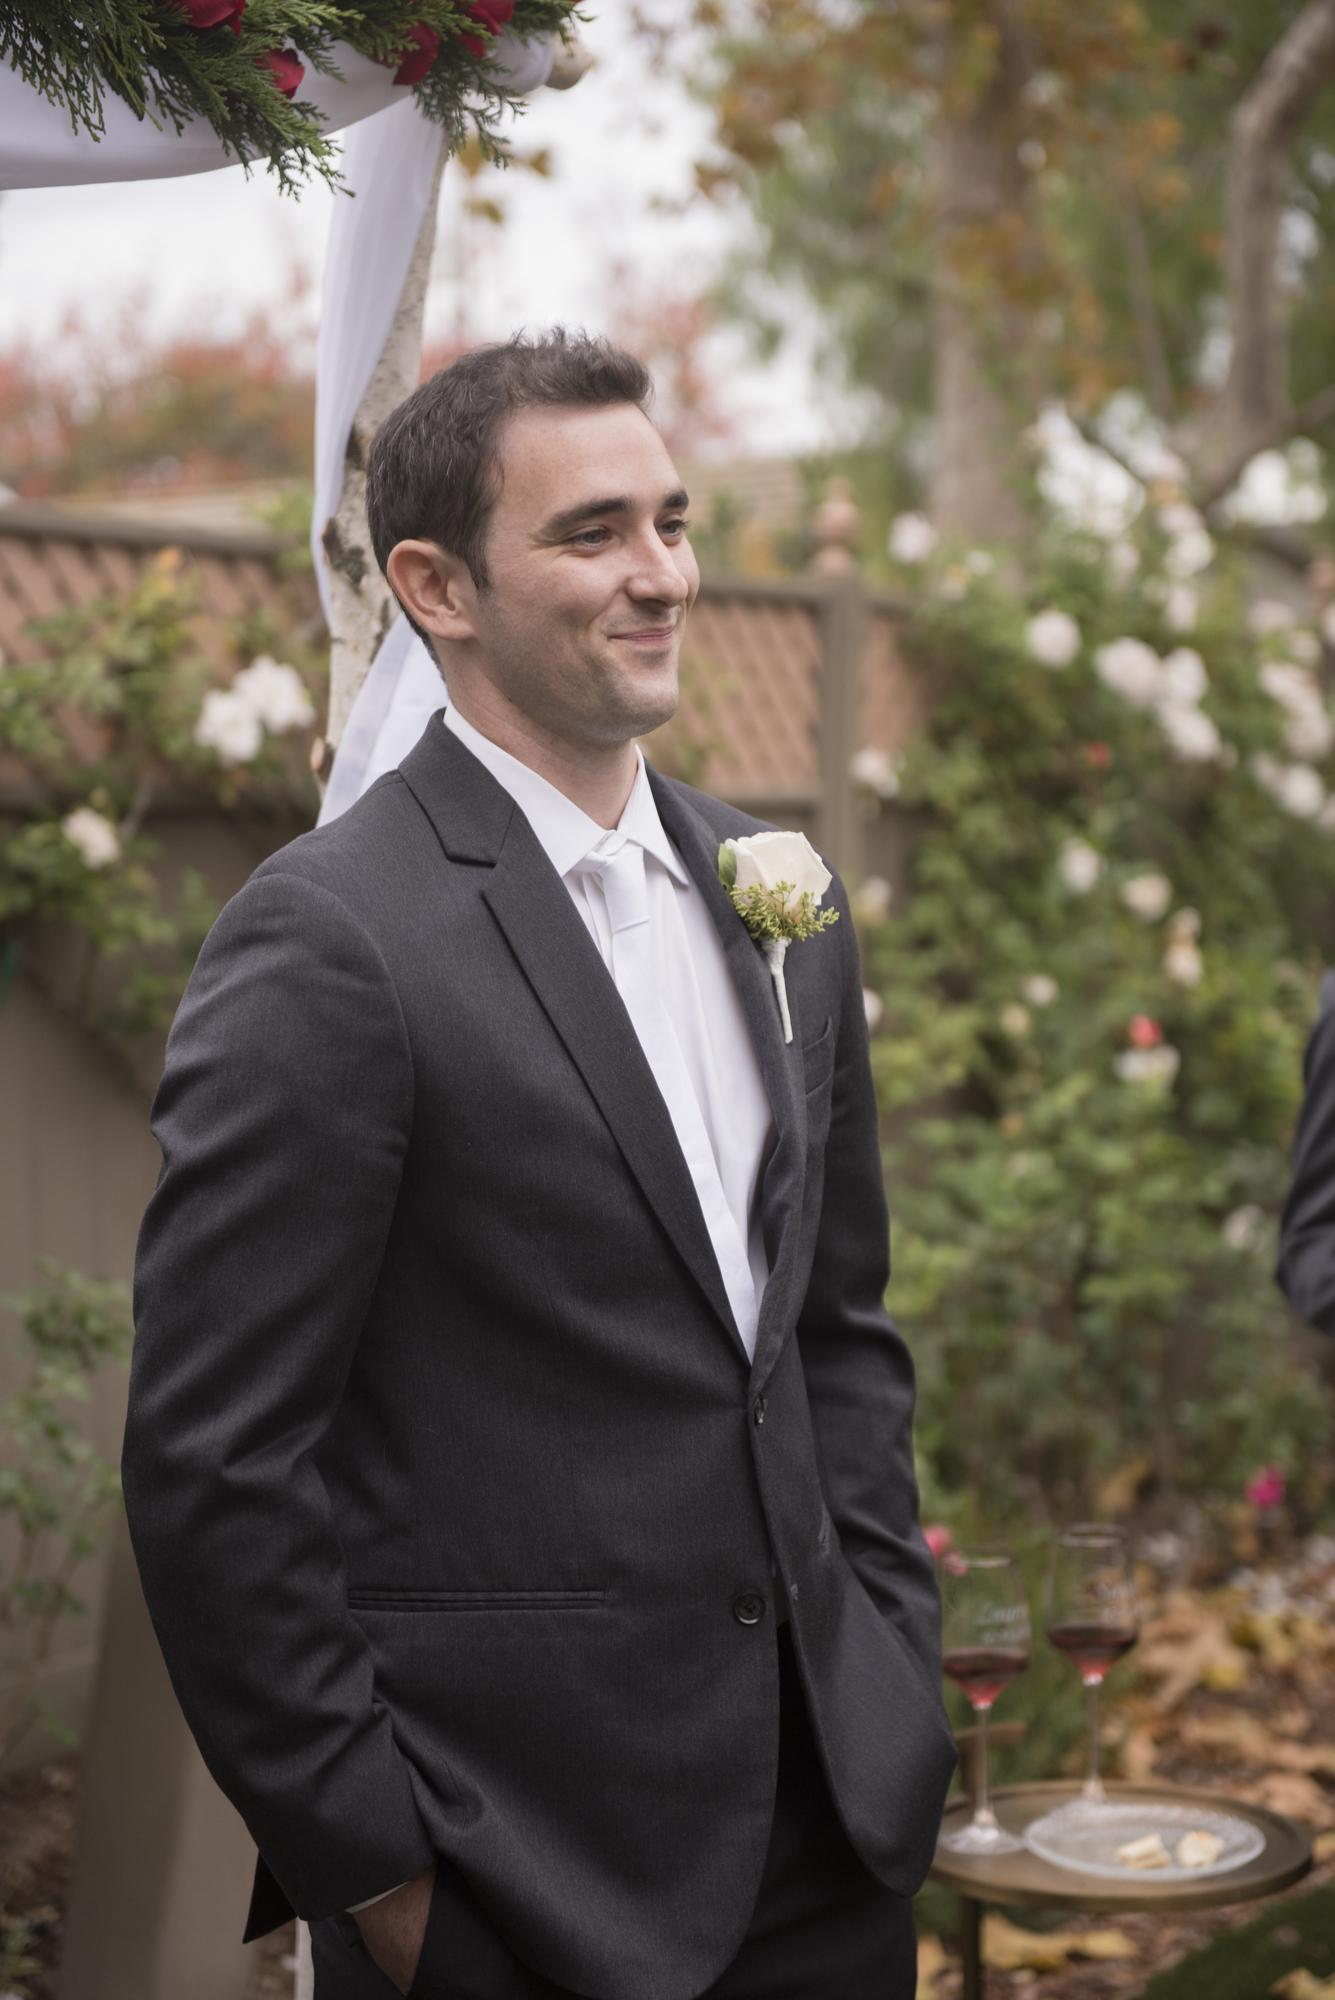 arthousephotographs.com | Portland Wedding Photographer | Seattle Wedding Photographer | Southern California Wedding Photographer | Arthouse Photographs